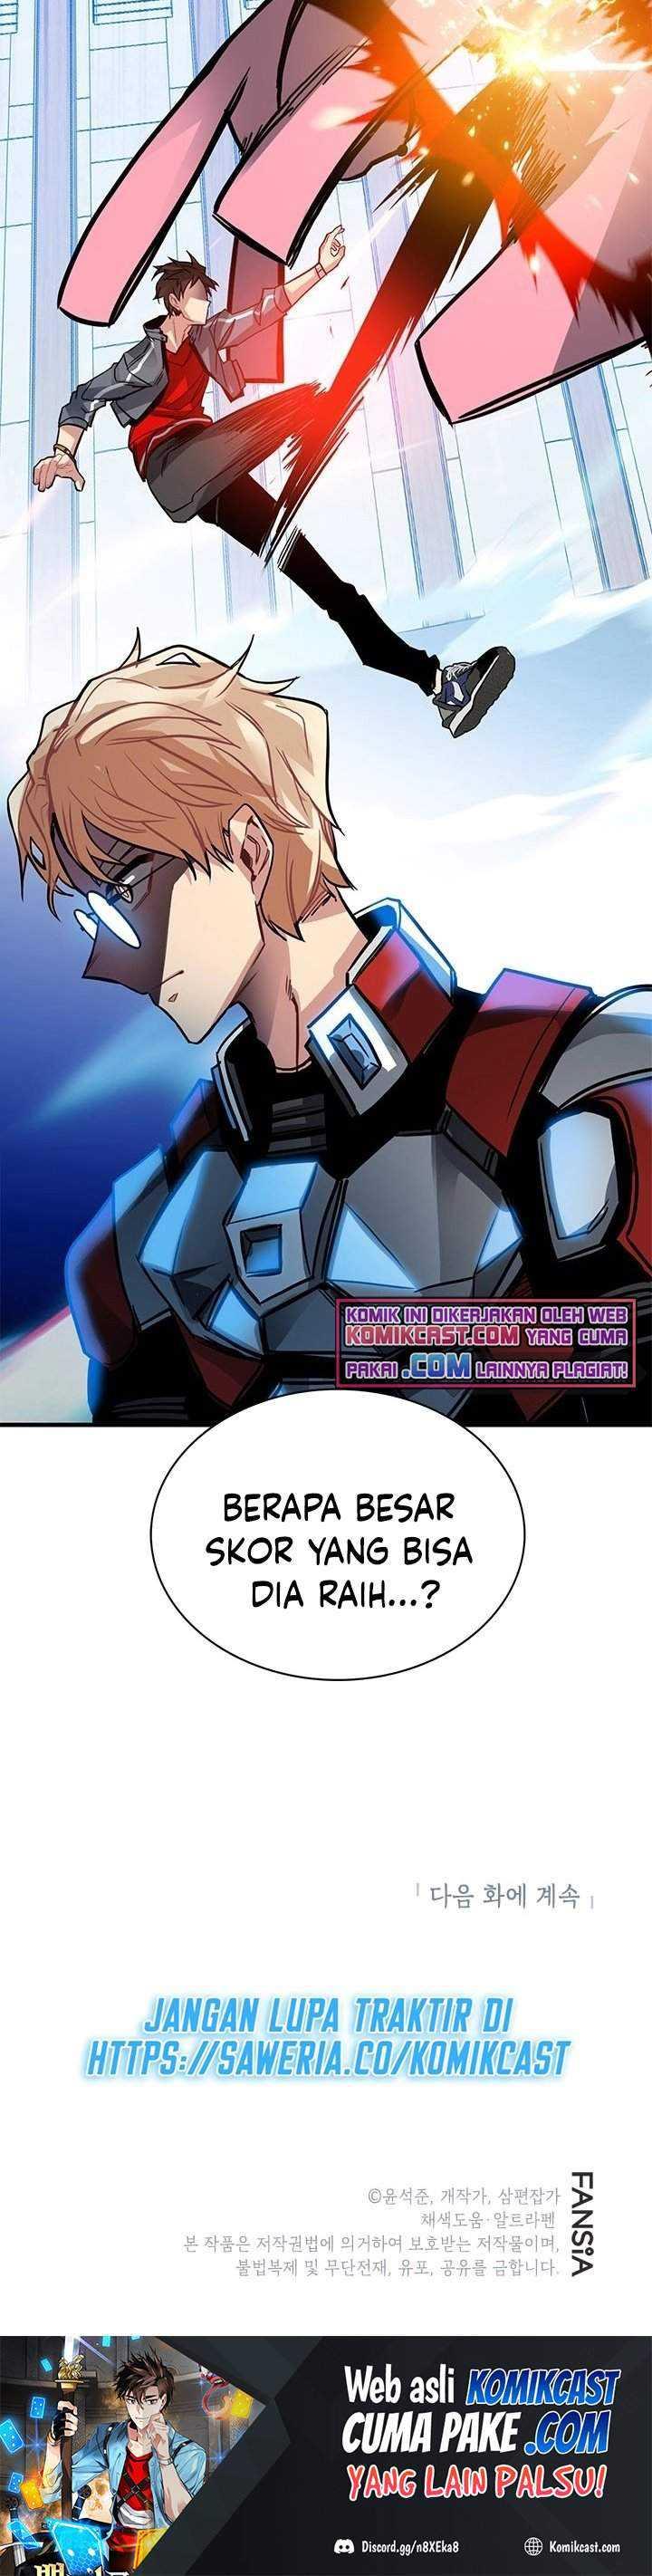 Sss-class Gacha Hunter Chapter 12